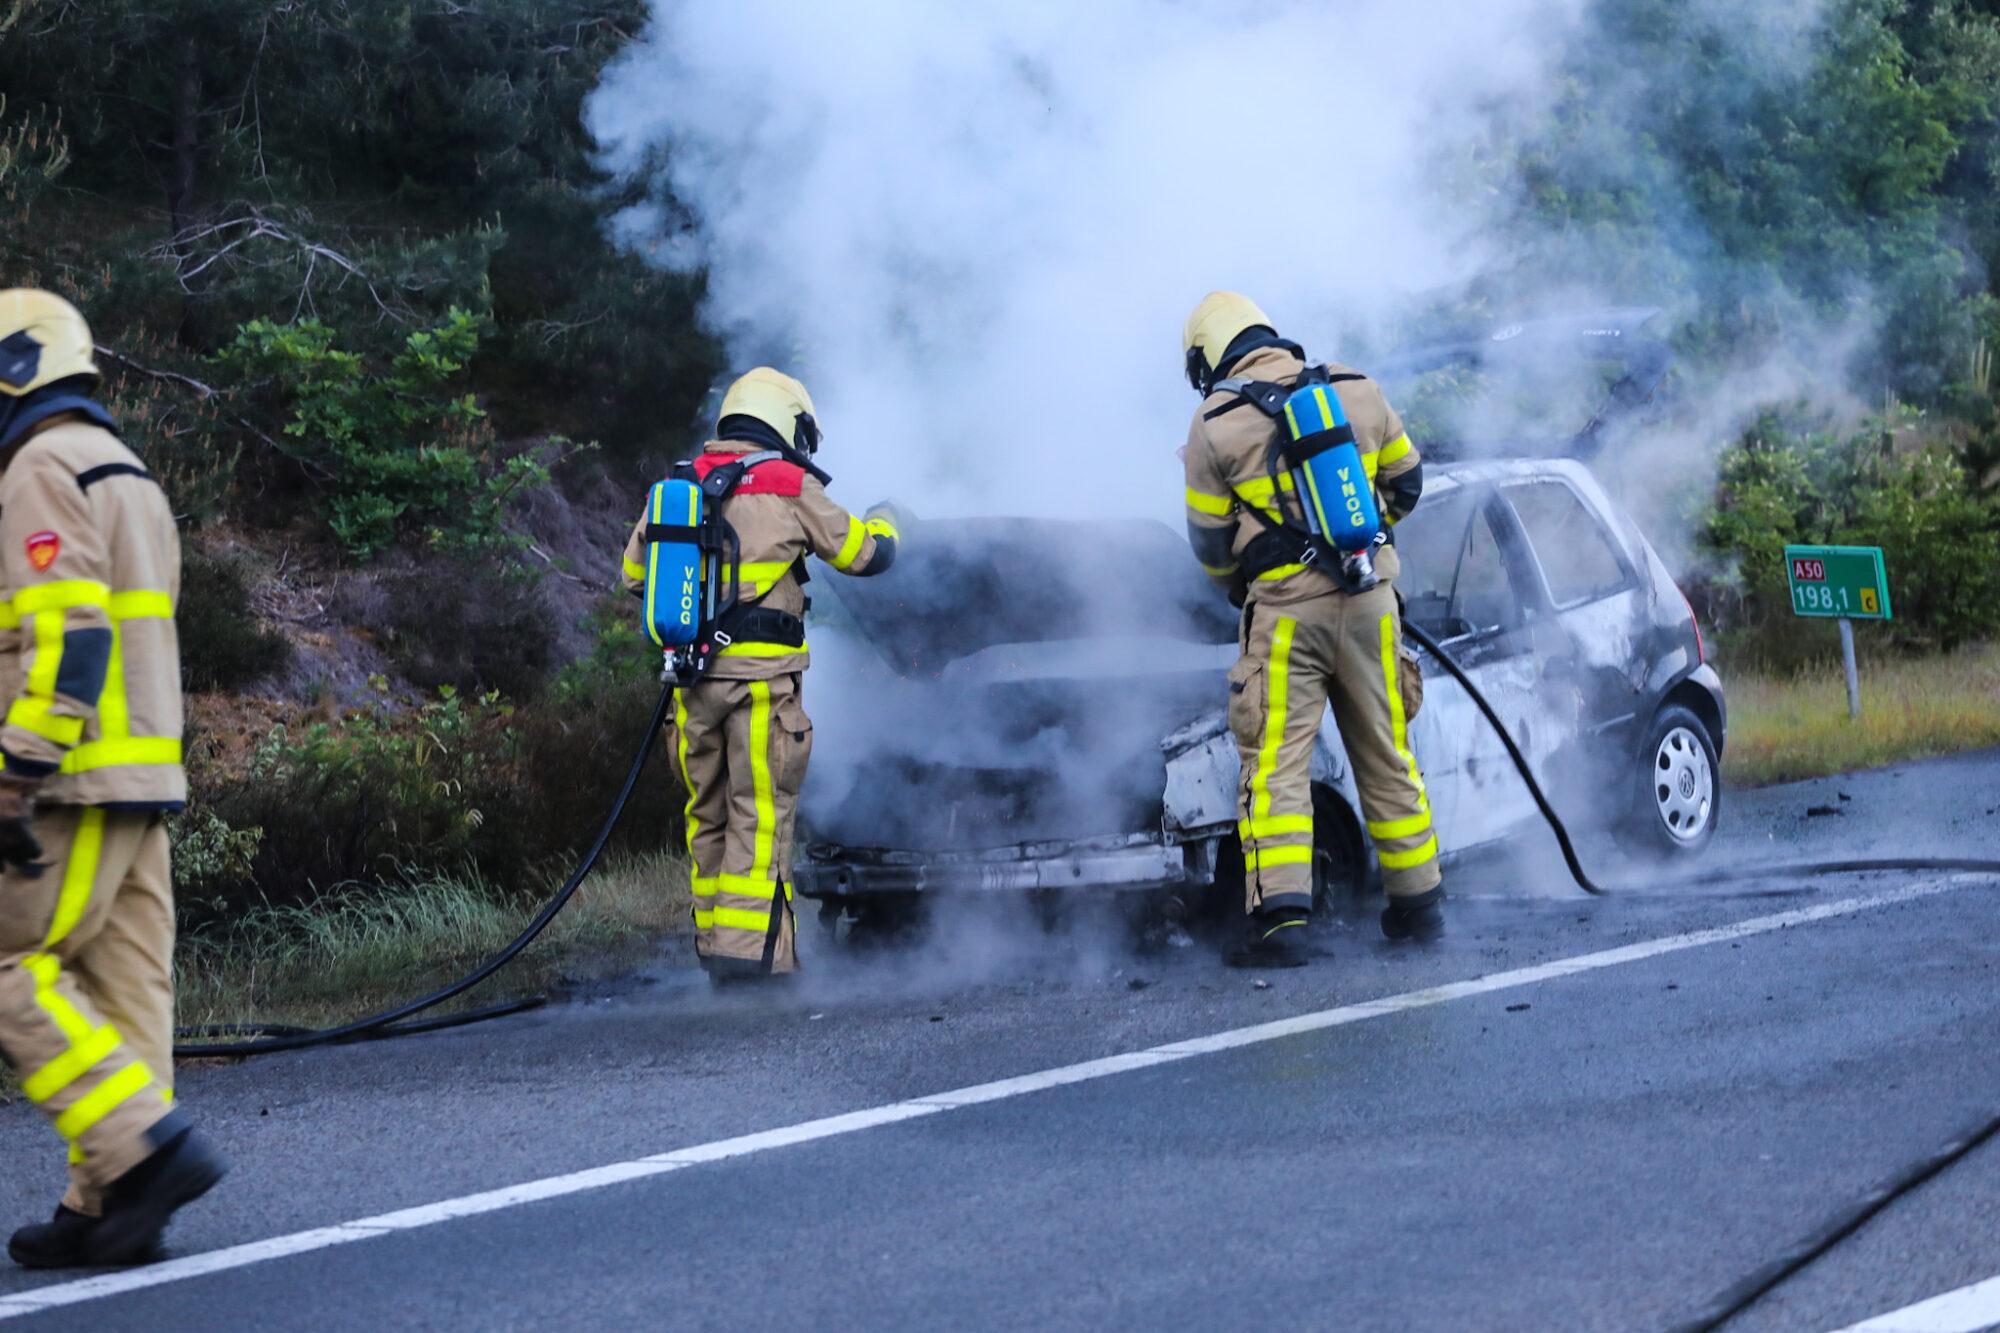 *VIDEO* Auto vat vlam op de A50 bij Loenen